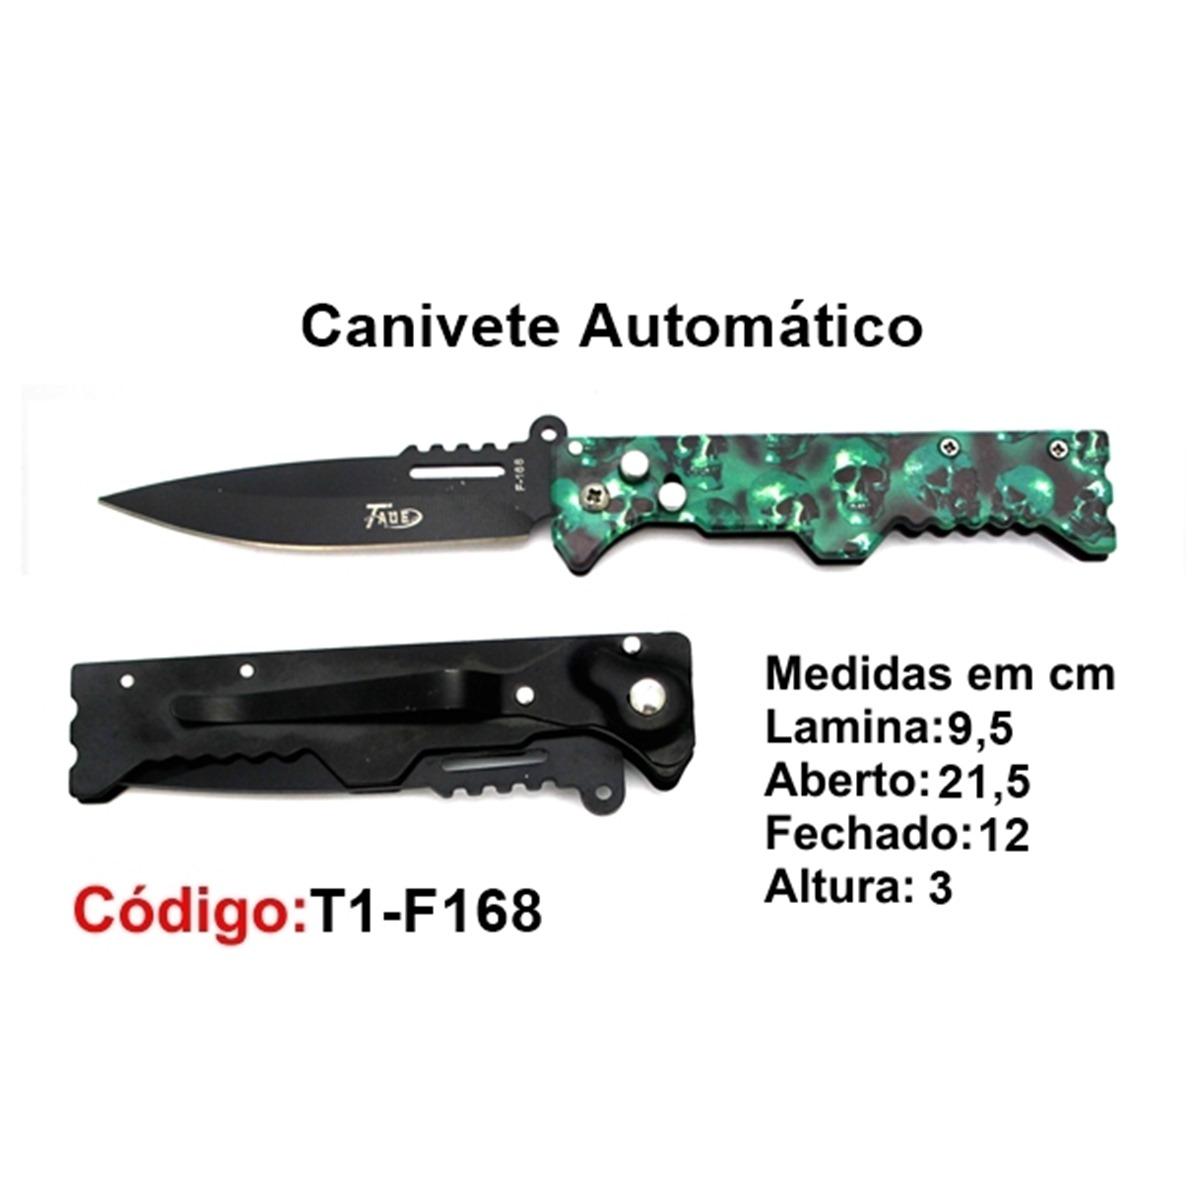 Canivete Esportivo Automático Caça Pesca Etc. T1-F168